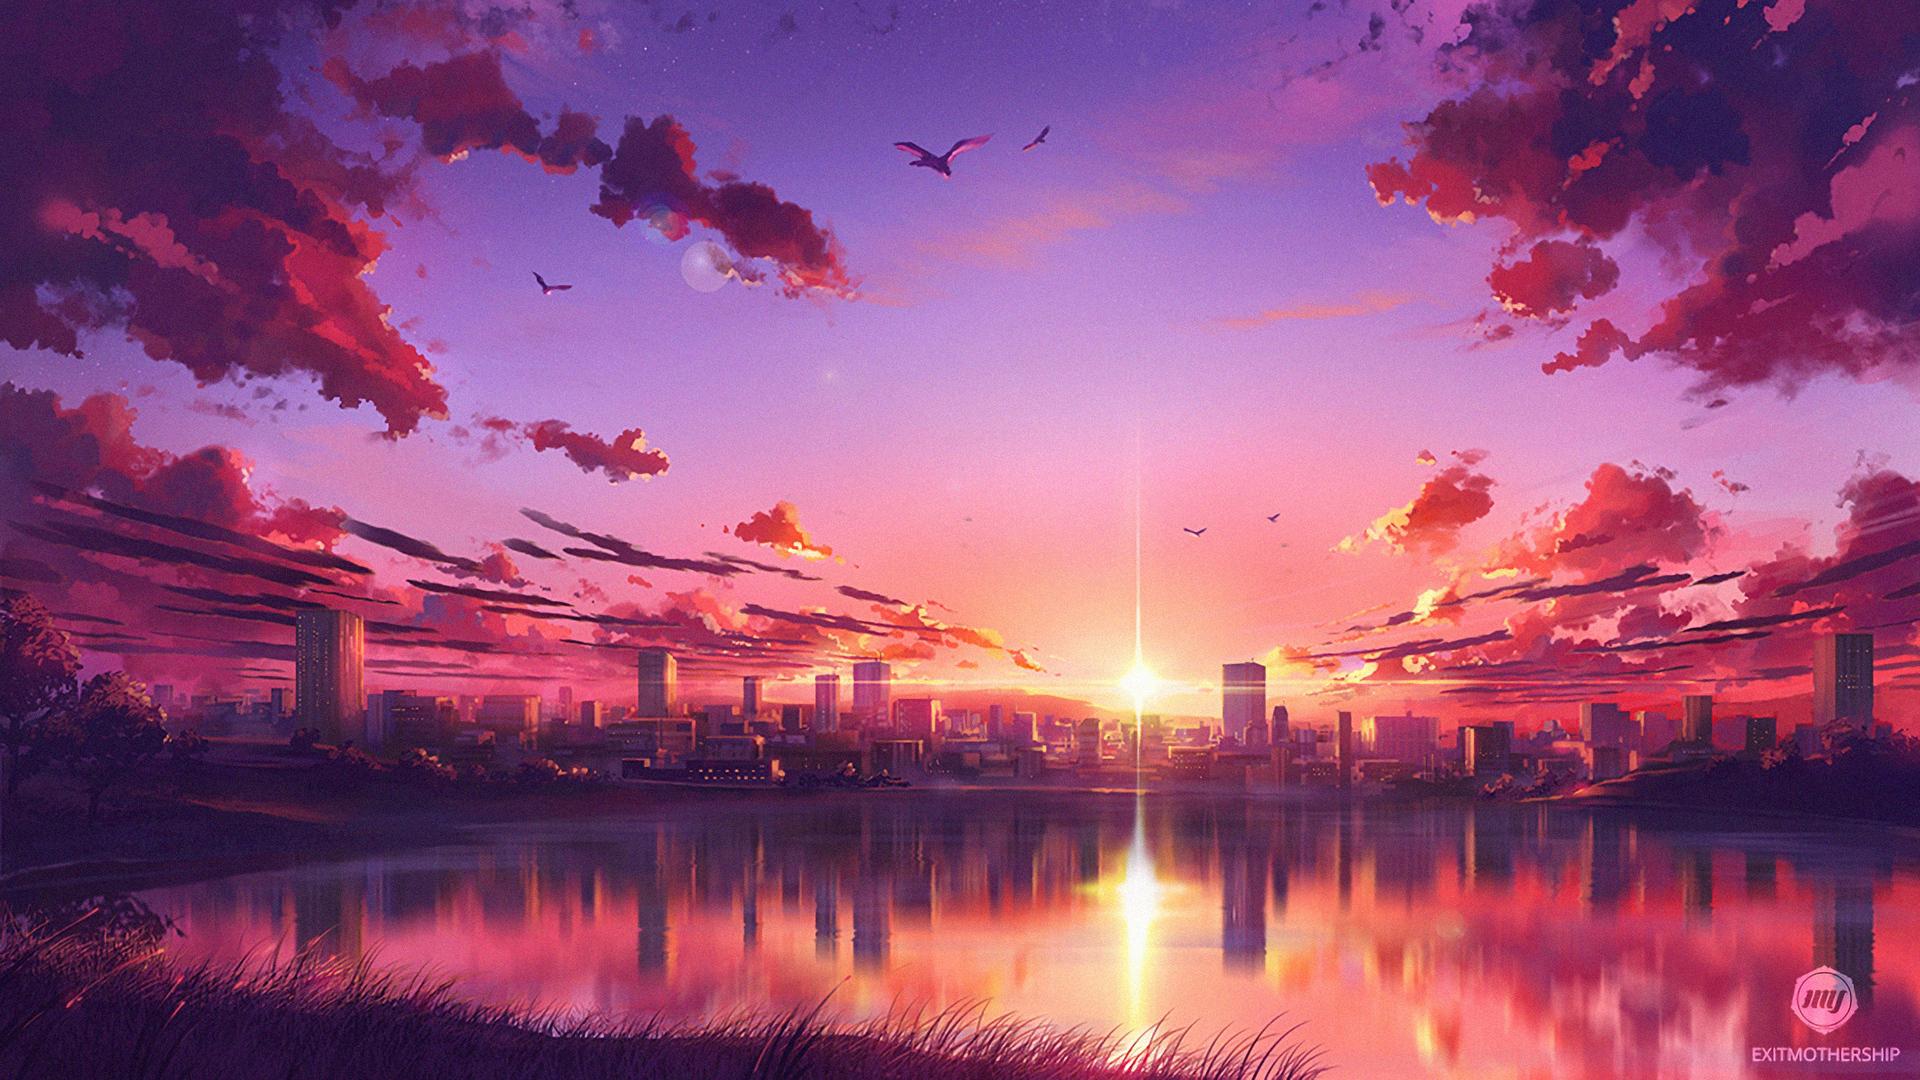 1920x1080 Anime Sunset Scene Laptop Full Hd 1080p Hd 4k